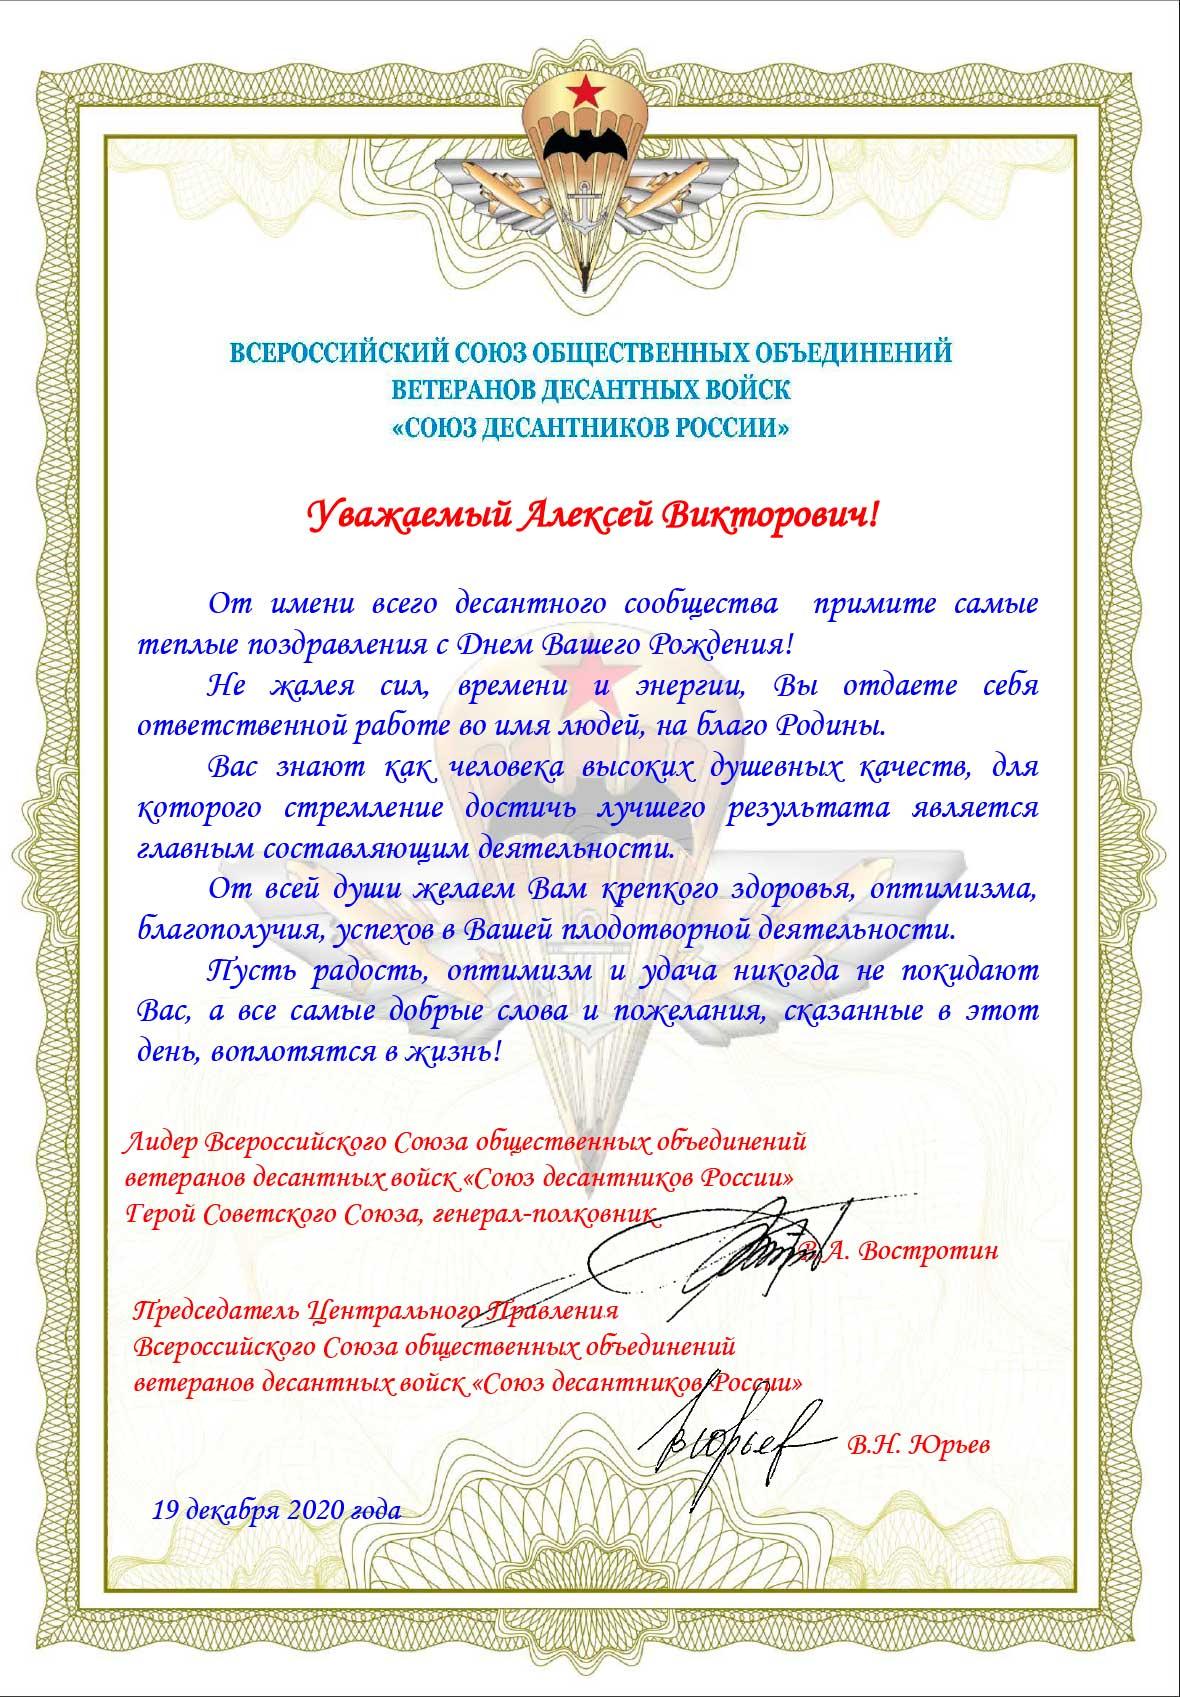 ПОЗДРАВЛЯЕМ С ДНЕМ РОЖДЕНИЯ ГЕРОЯ РОССИЙСКОЙ ФЕДЕРАЦИИ РОМАНОВА АЛЕКСЕЯ ВИКТОРОВИЧА!